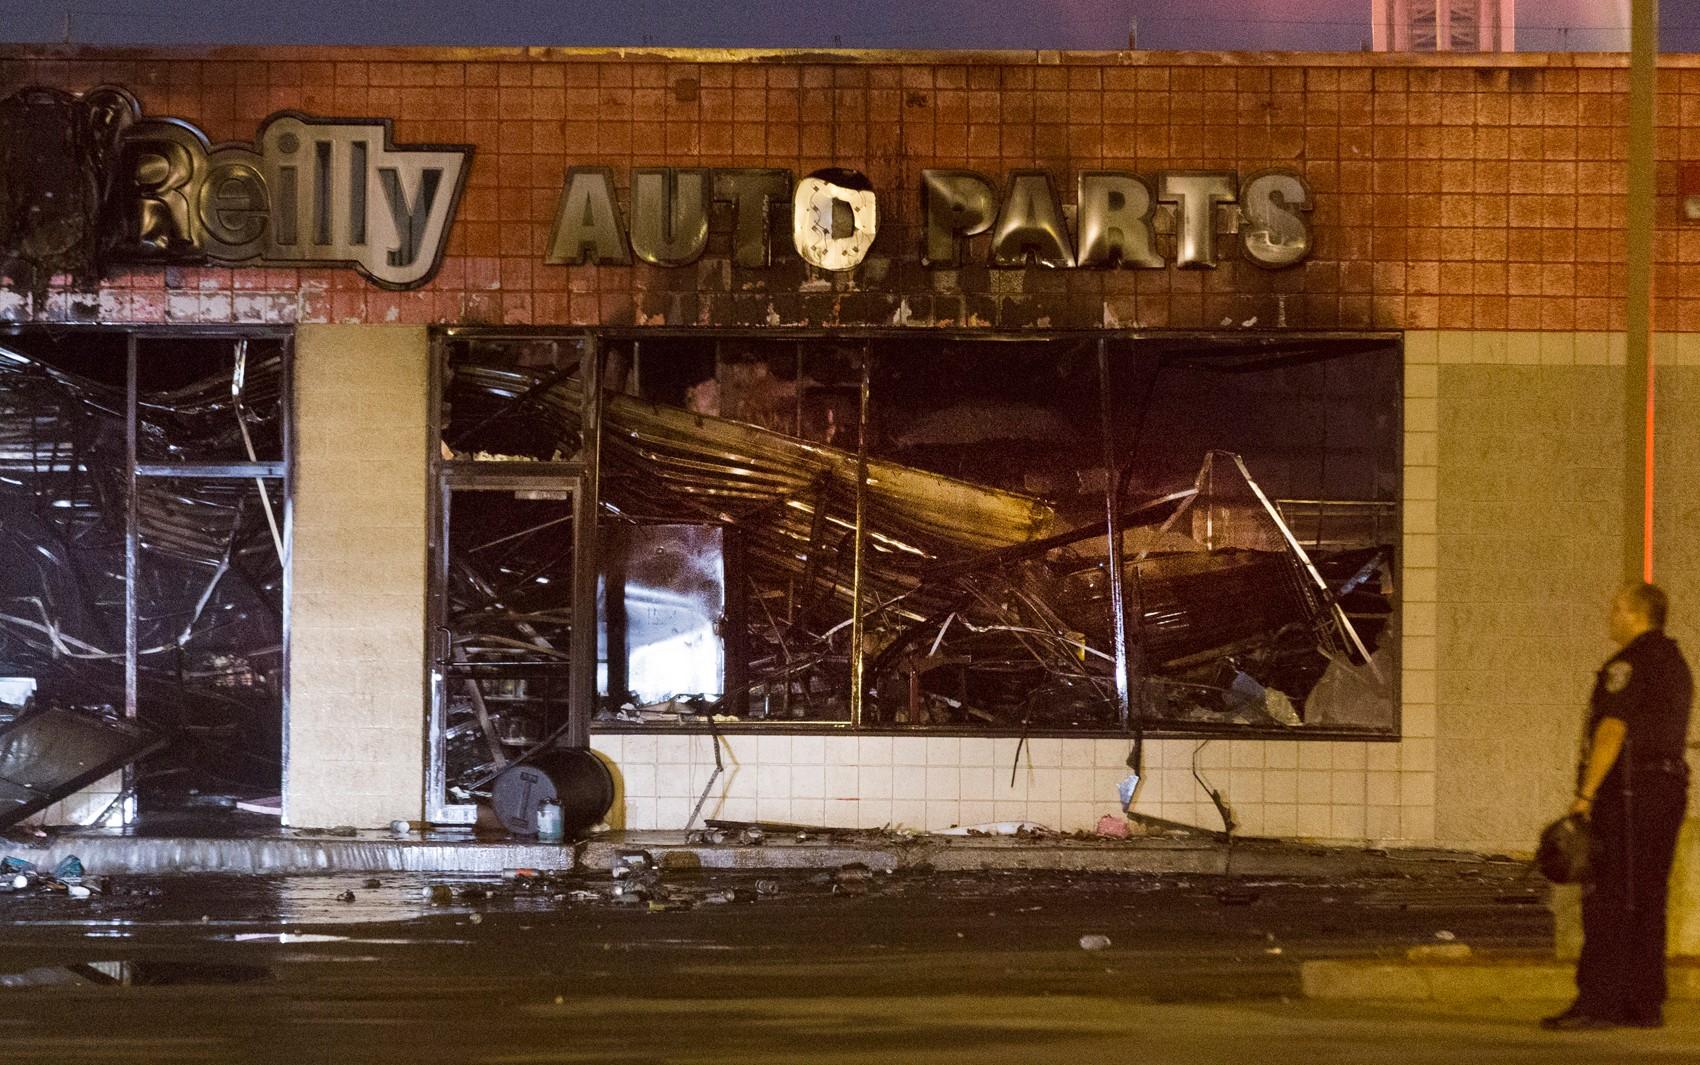 Policial vê fachada de loja destruída durante protestos na madrugada deste domingo (14)  (Foto: Mark Hoffman/Milwaukee Journal-Sentinel via AP)